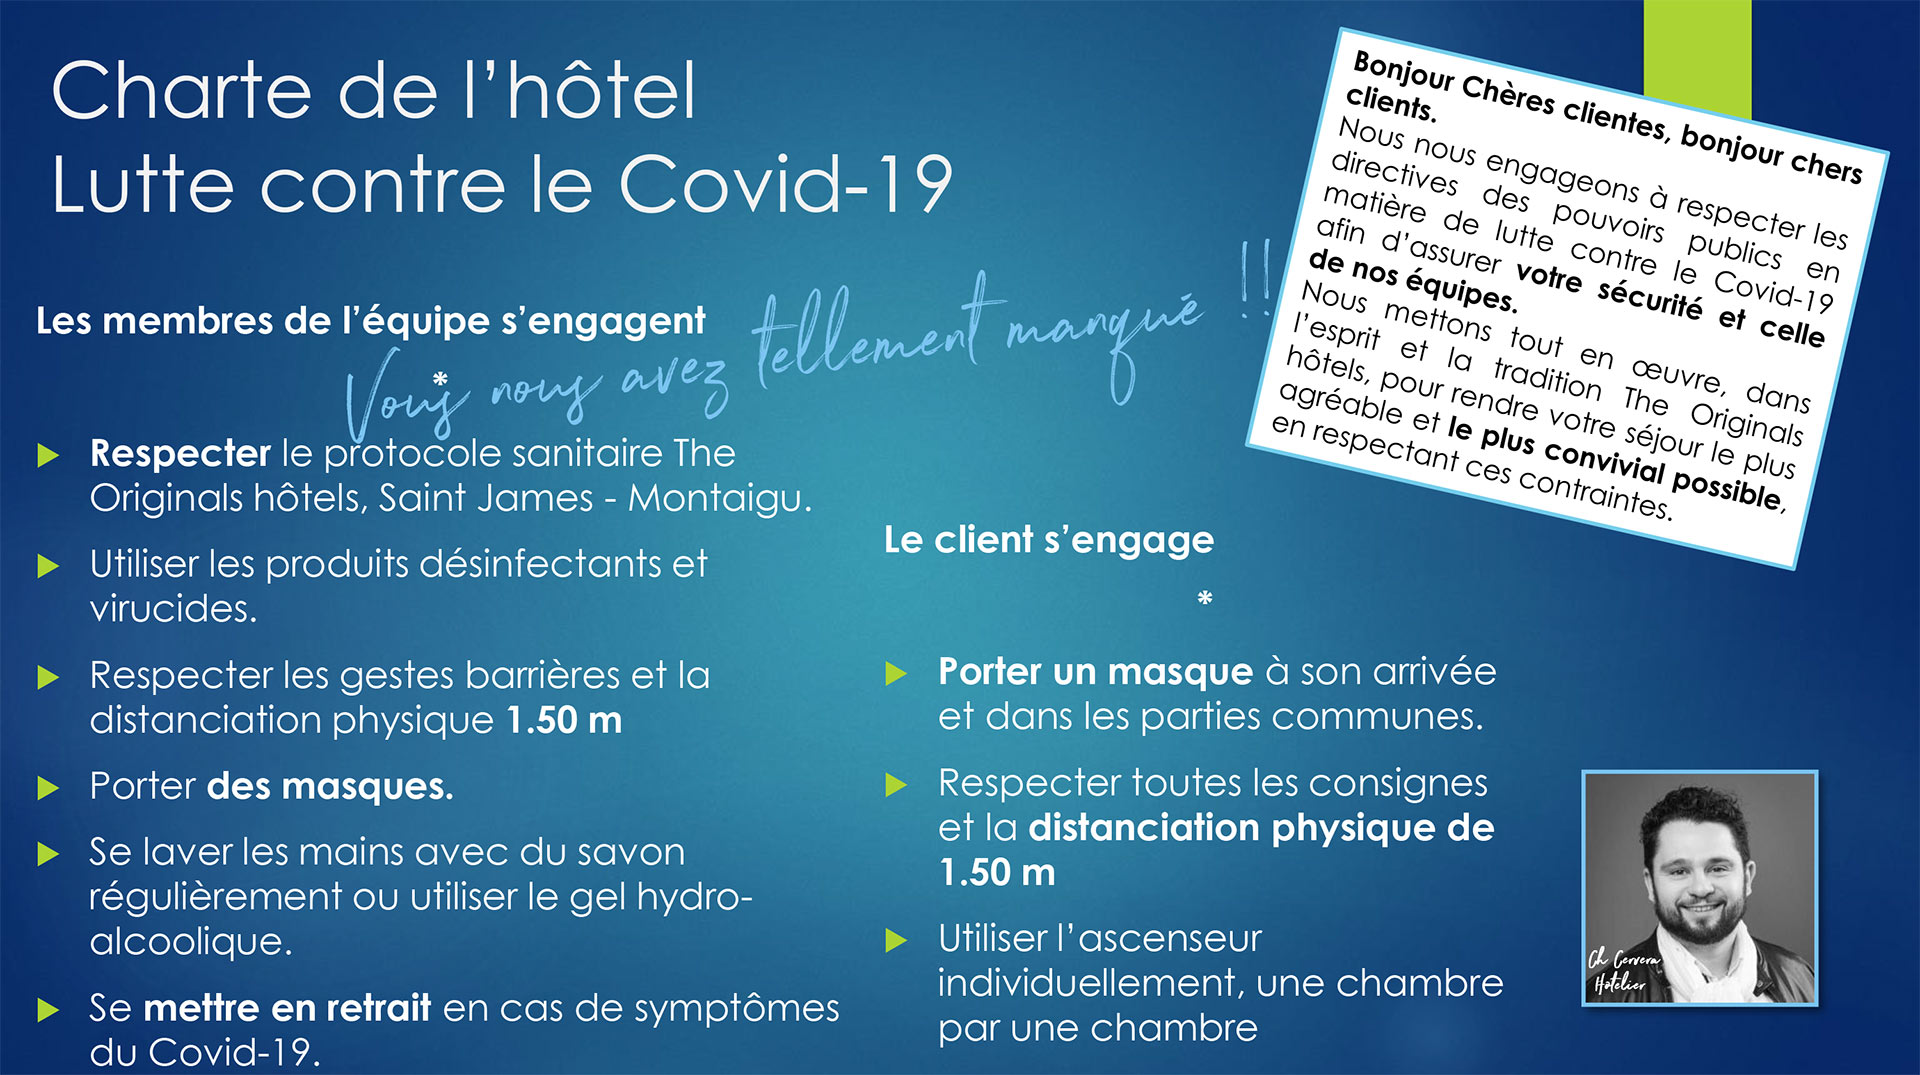 Charte de lutte contre le Covid-19 HOTEL SAINT JAMES